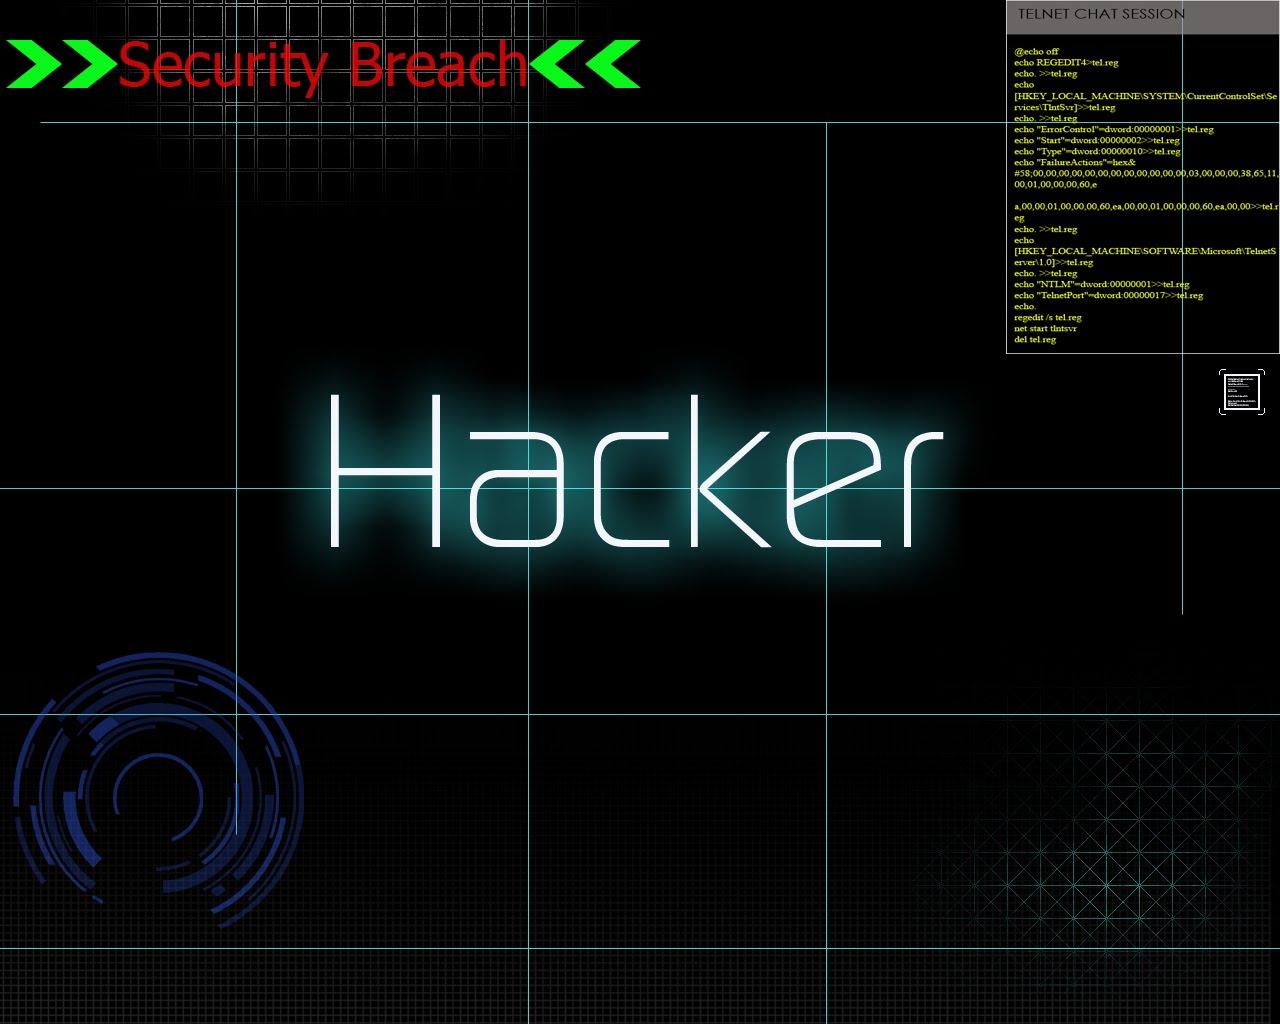 http://2.bp.blogspot.com/_iKikynto45o/TPEgML4S1yI/AAAAAAAAAB0/pfg81B0-8rc/s1600/Hacker_Wallpaper_1280x1024_by_Pengo1.jpg